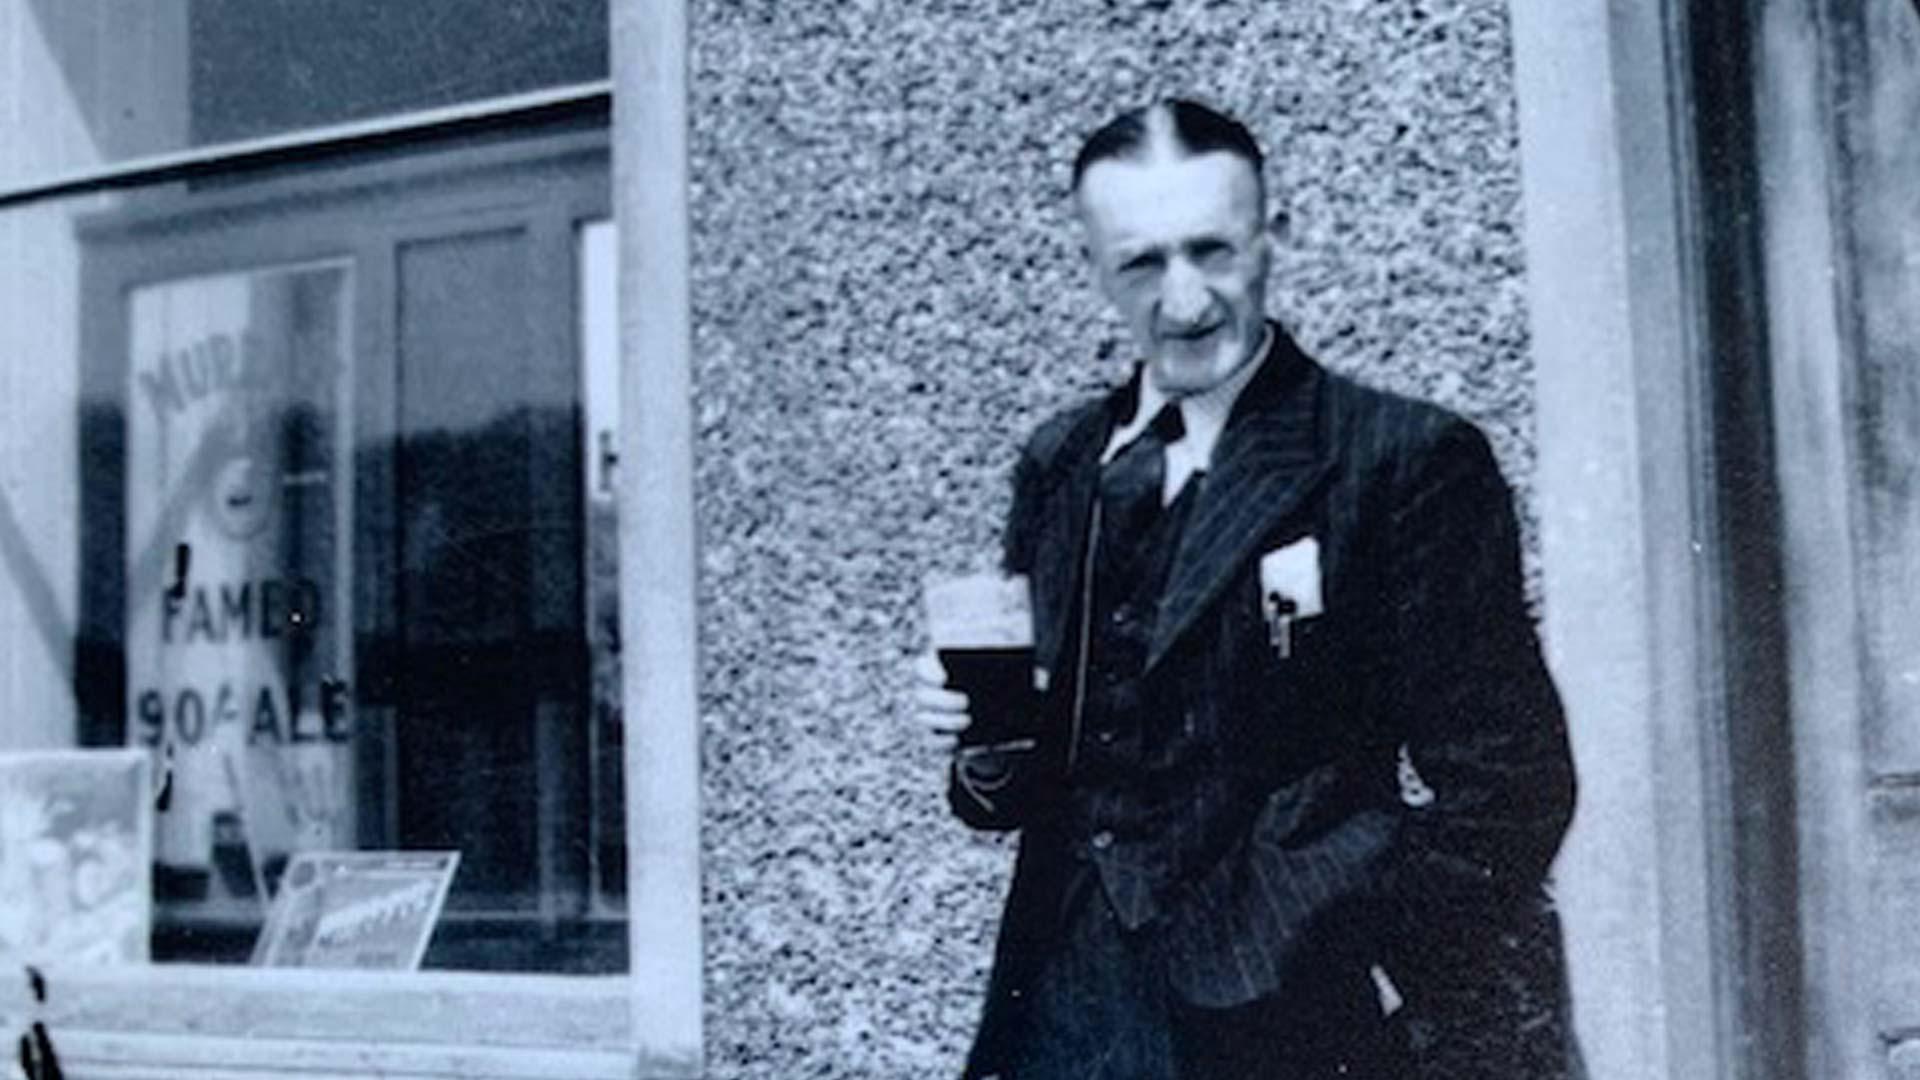 Soo House, The Carron Inn and Robert Burns